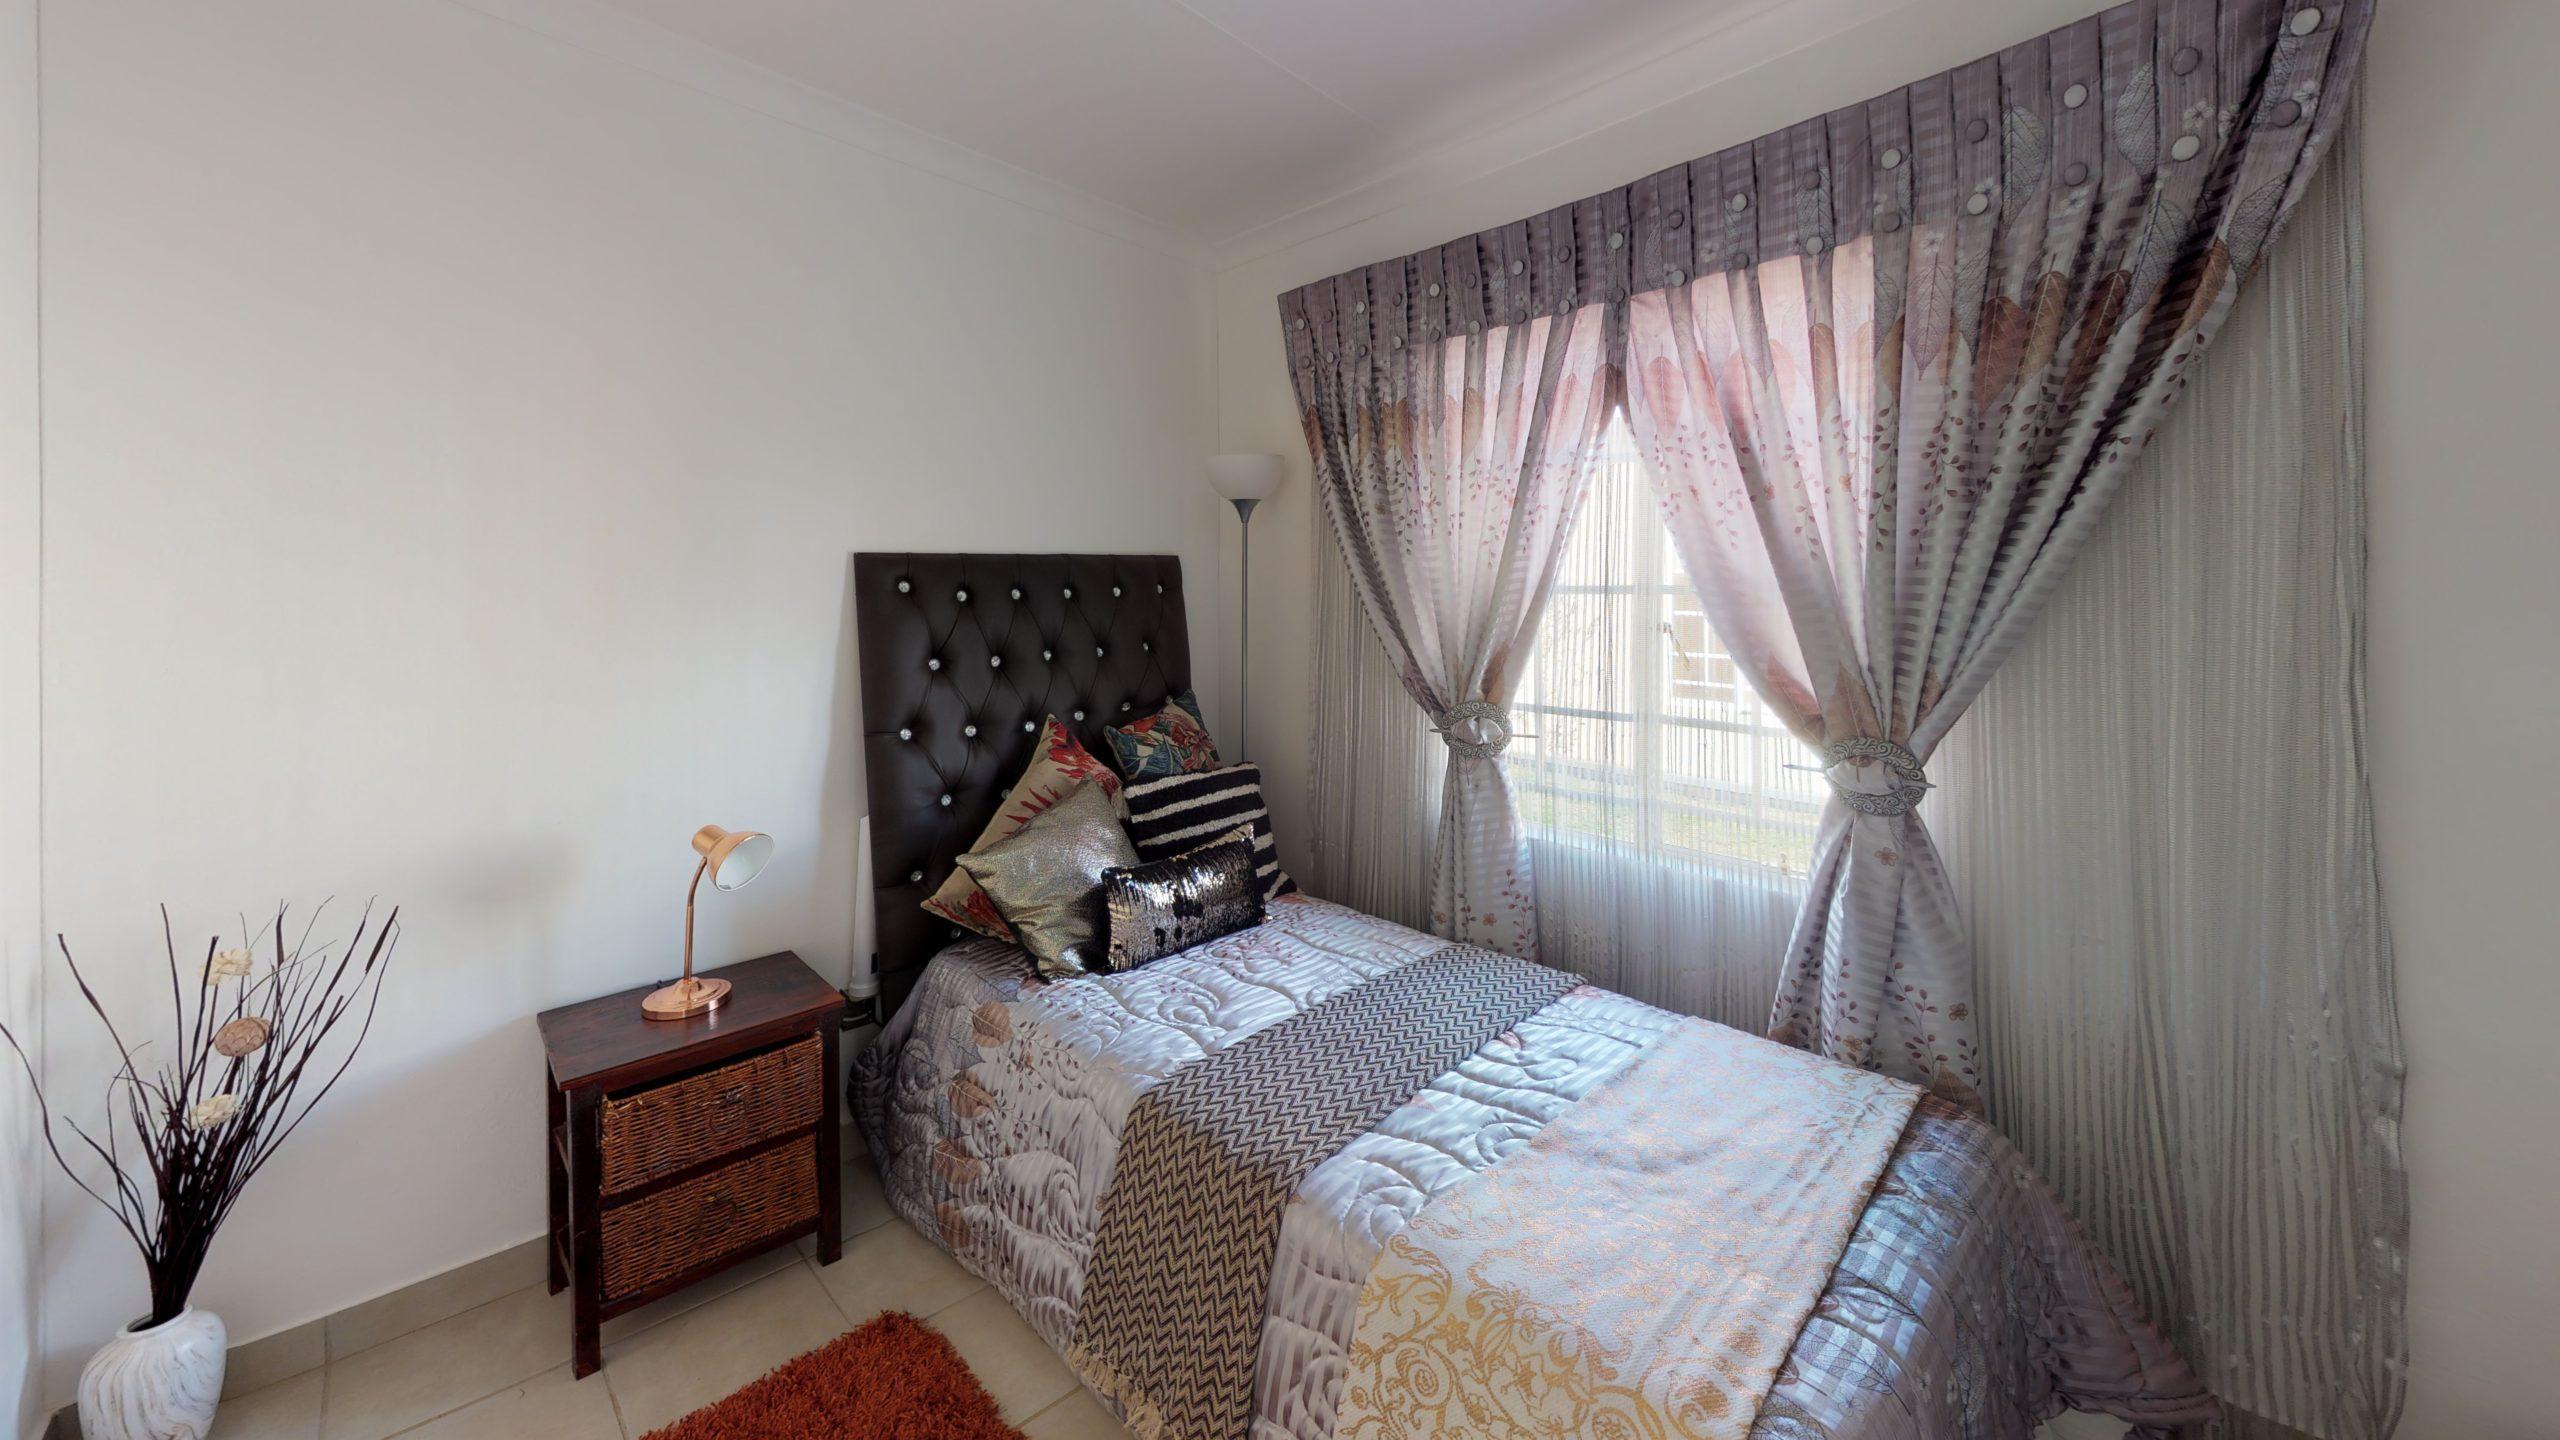 Windmill Park, Homes for Sale in Vosloorus, Gauteng - Bedroom